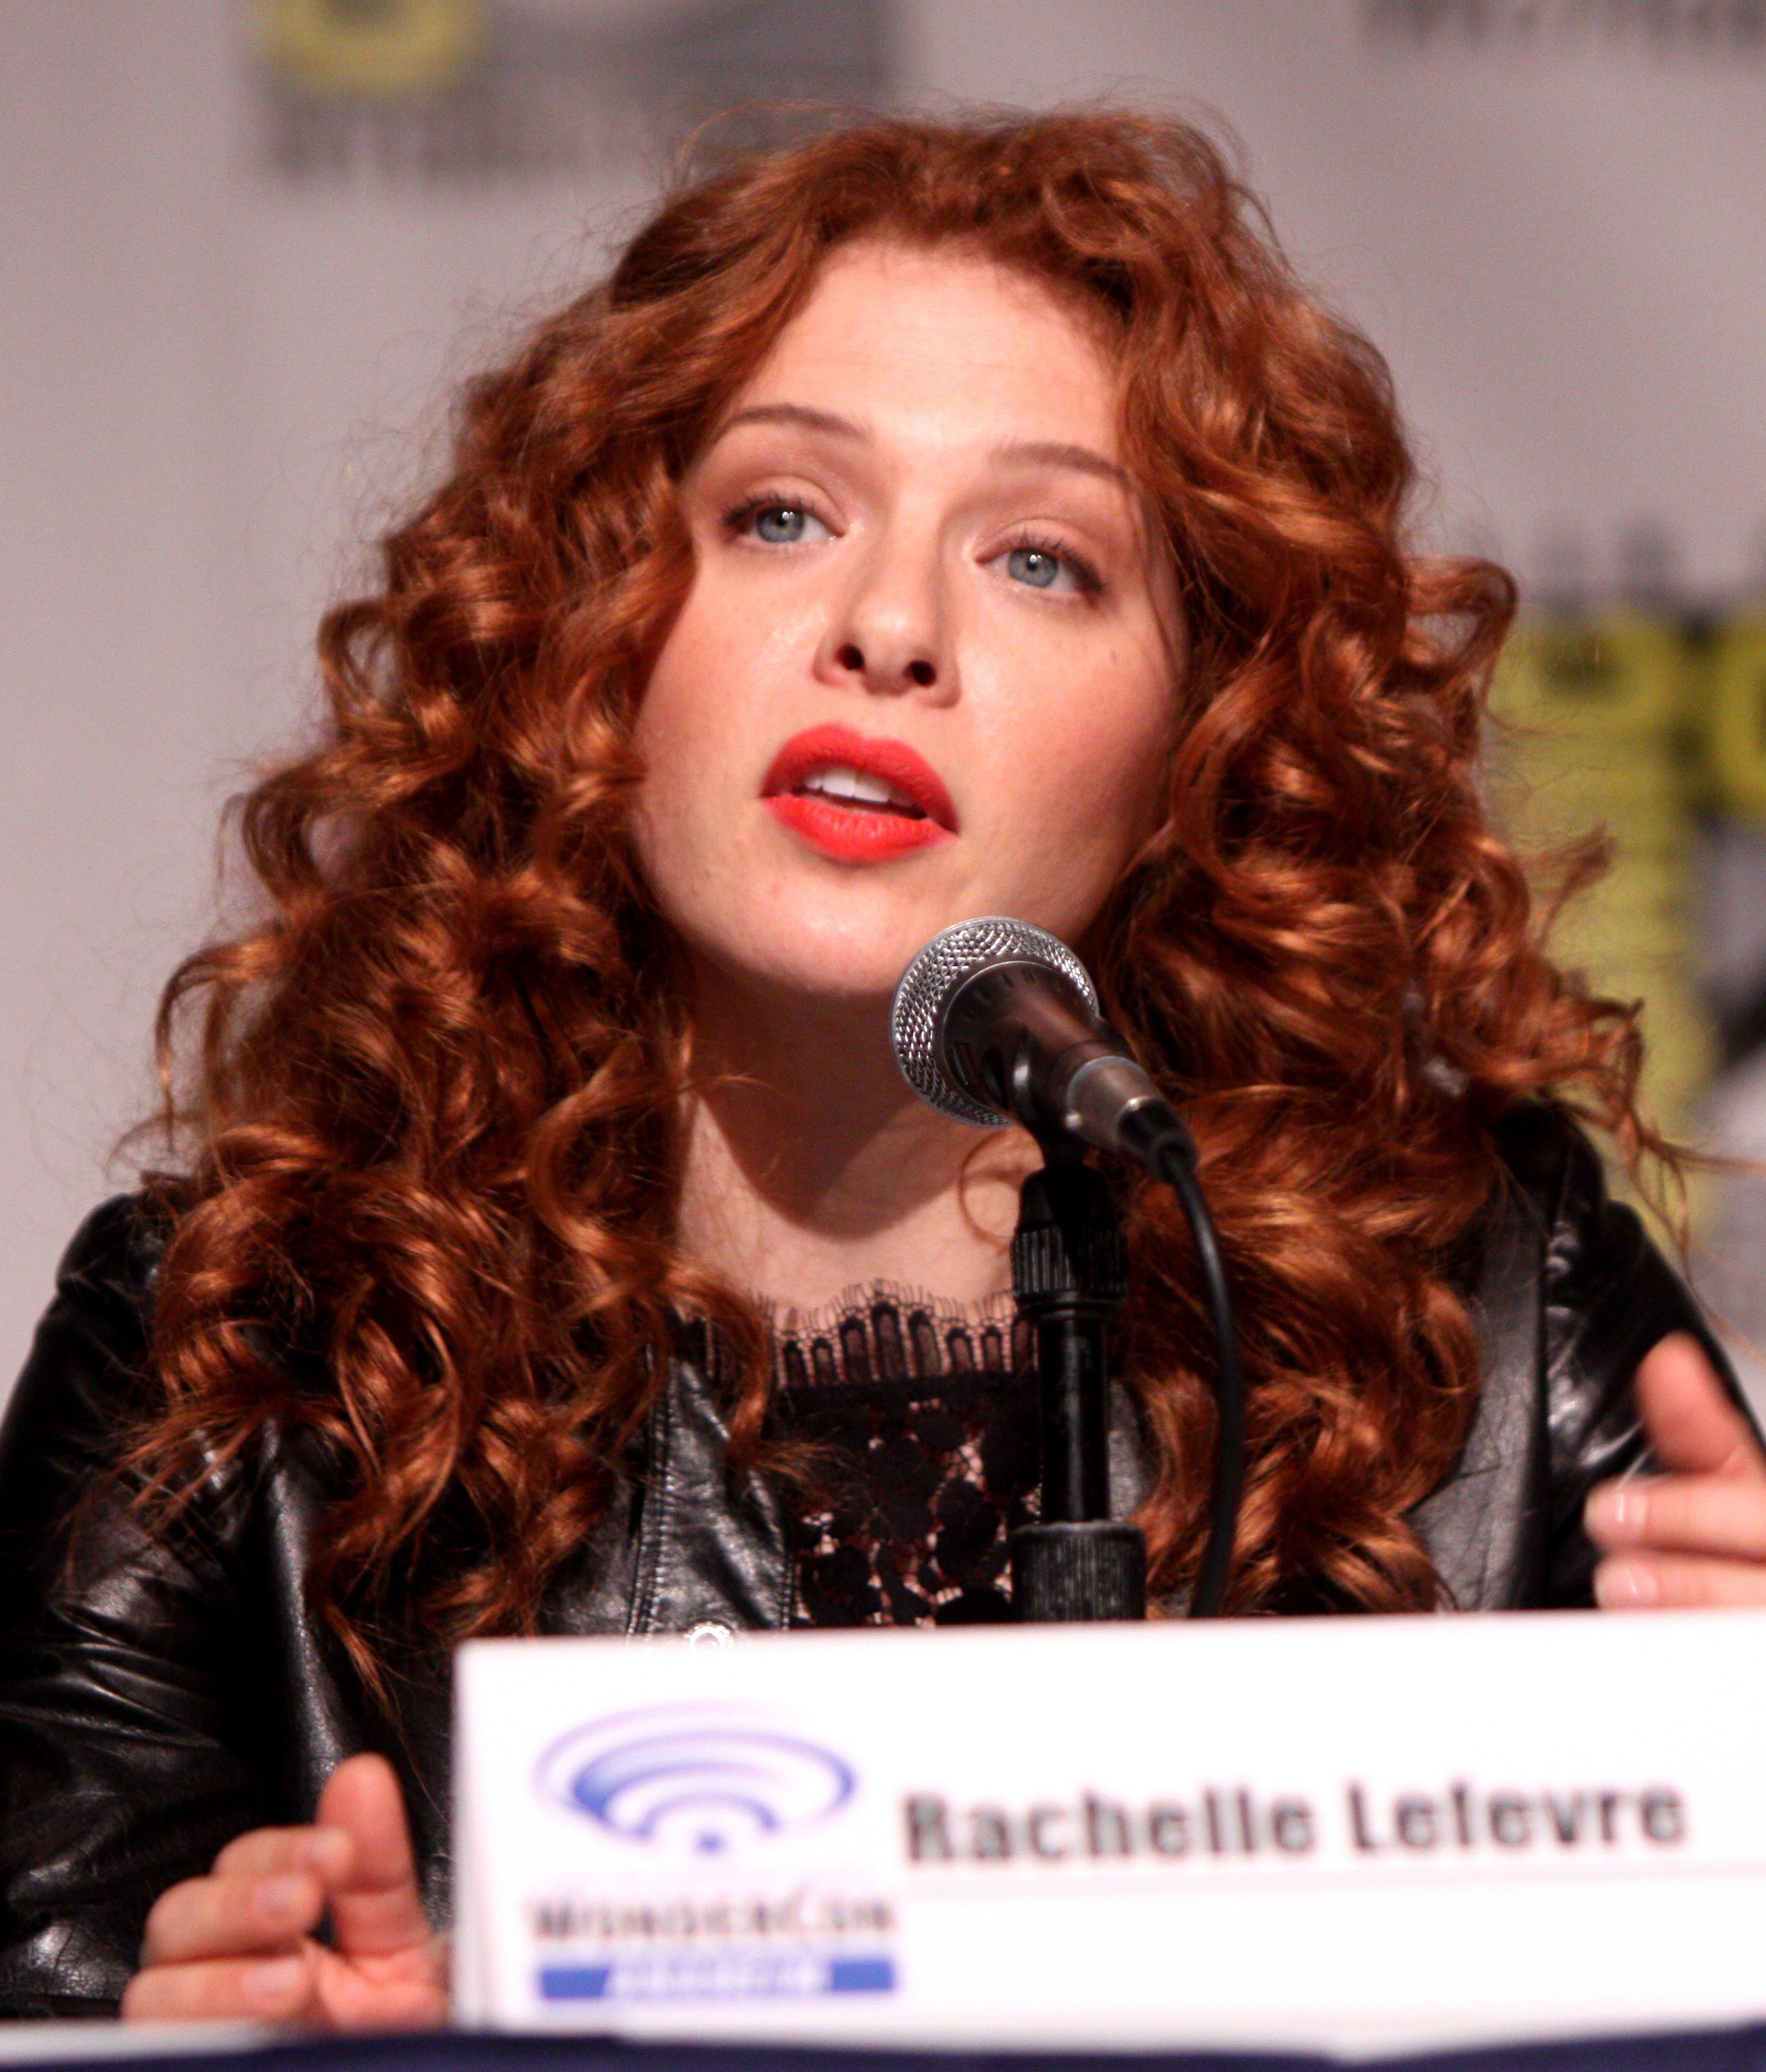 Rachelle lefevre dating history